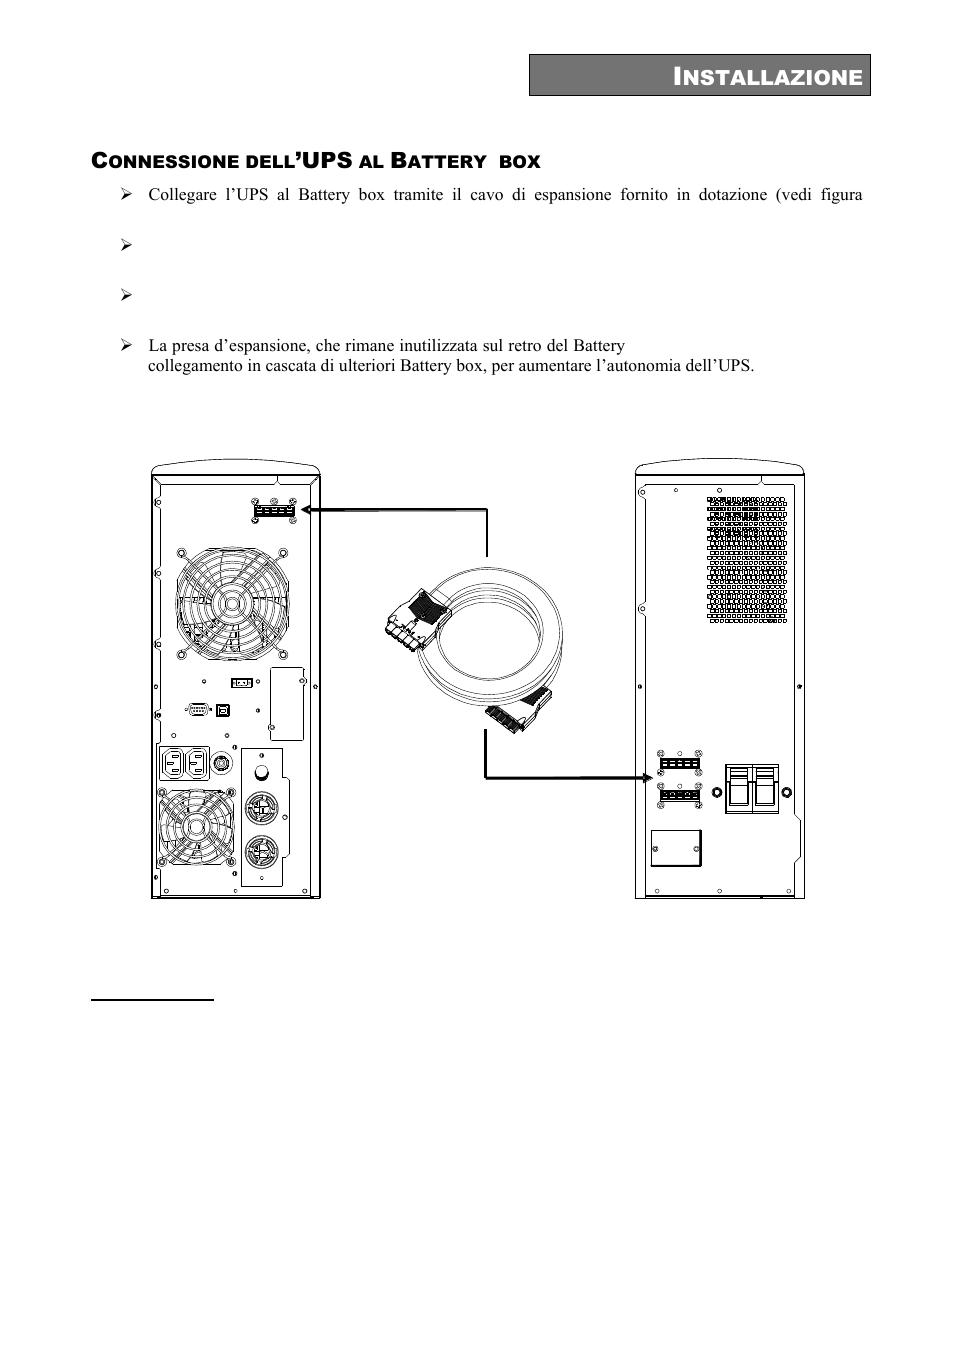 Onnessione dell, Attery box | Riello UPS Sentinel Dual (High